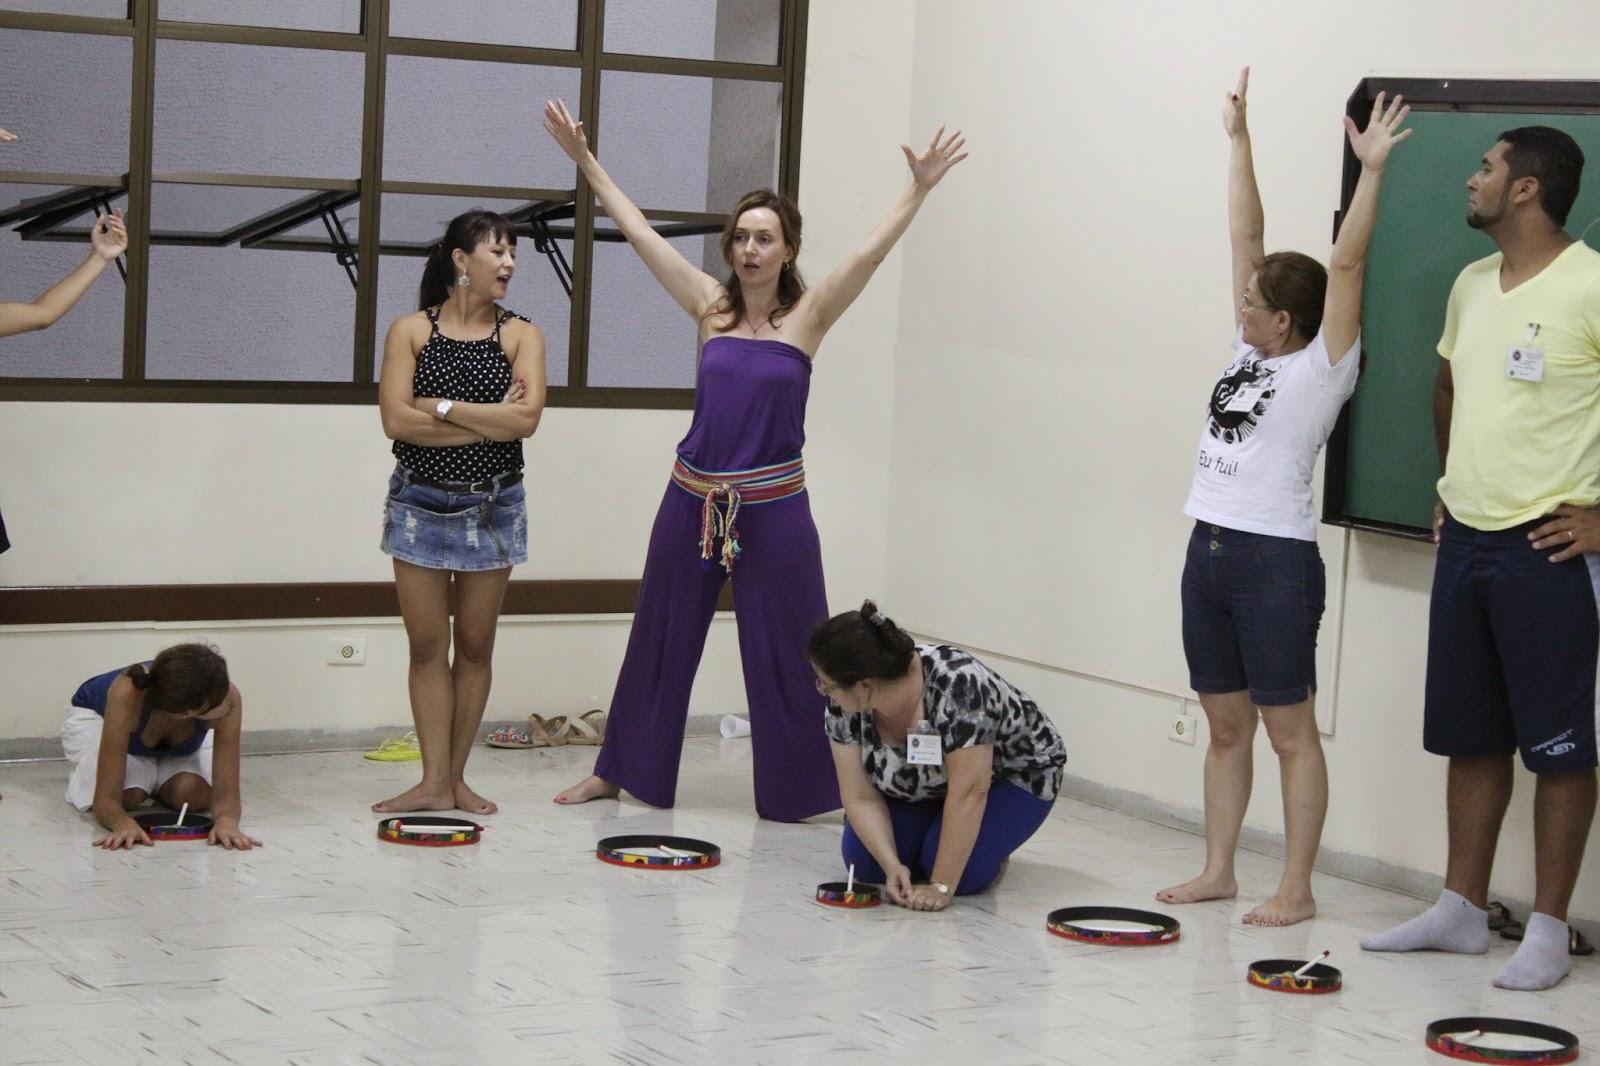 Descrição da Foto: Parte dos participantes estão lado-a-lado, com o tambor na frente no chão. Eles estão posicionados em três posições: baixo, médio, alto.